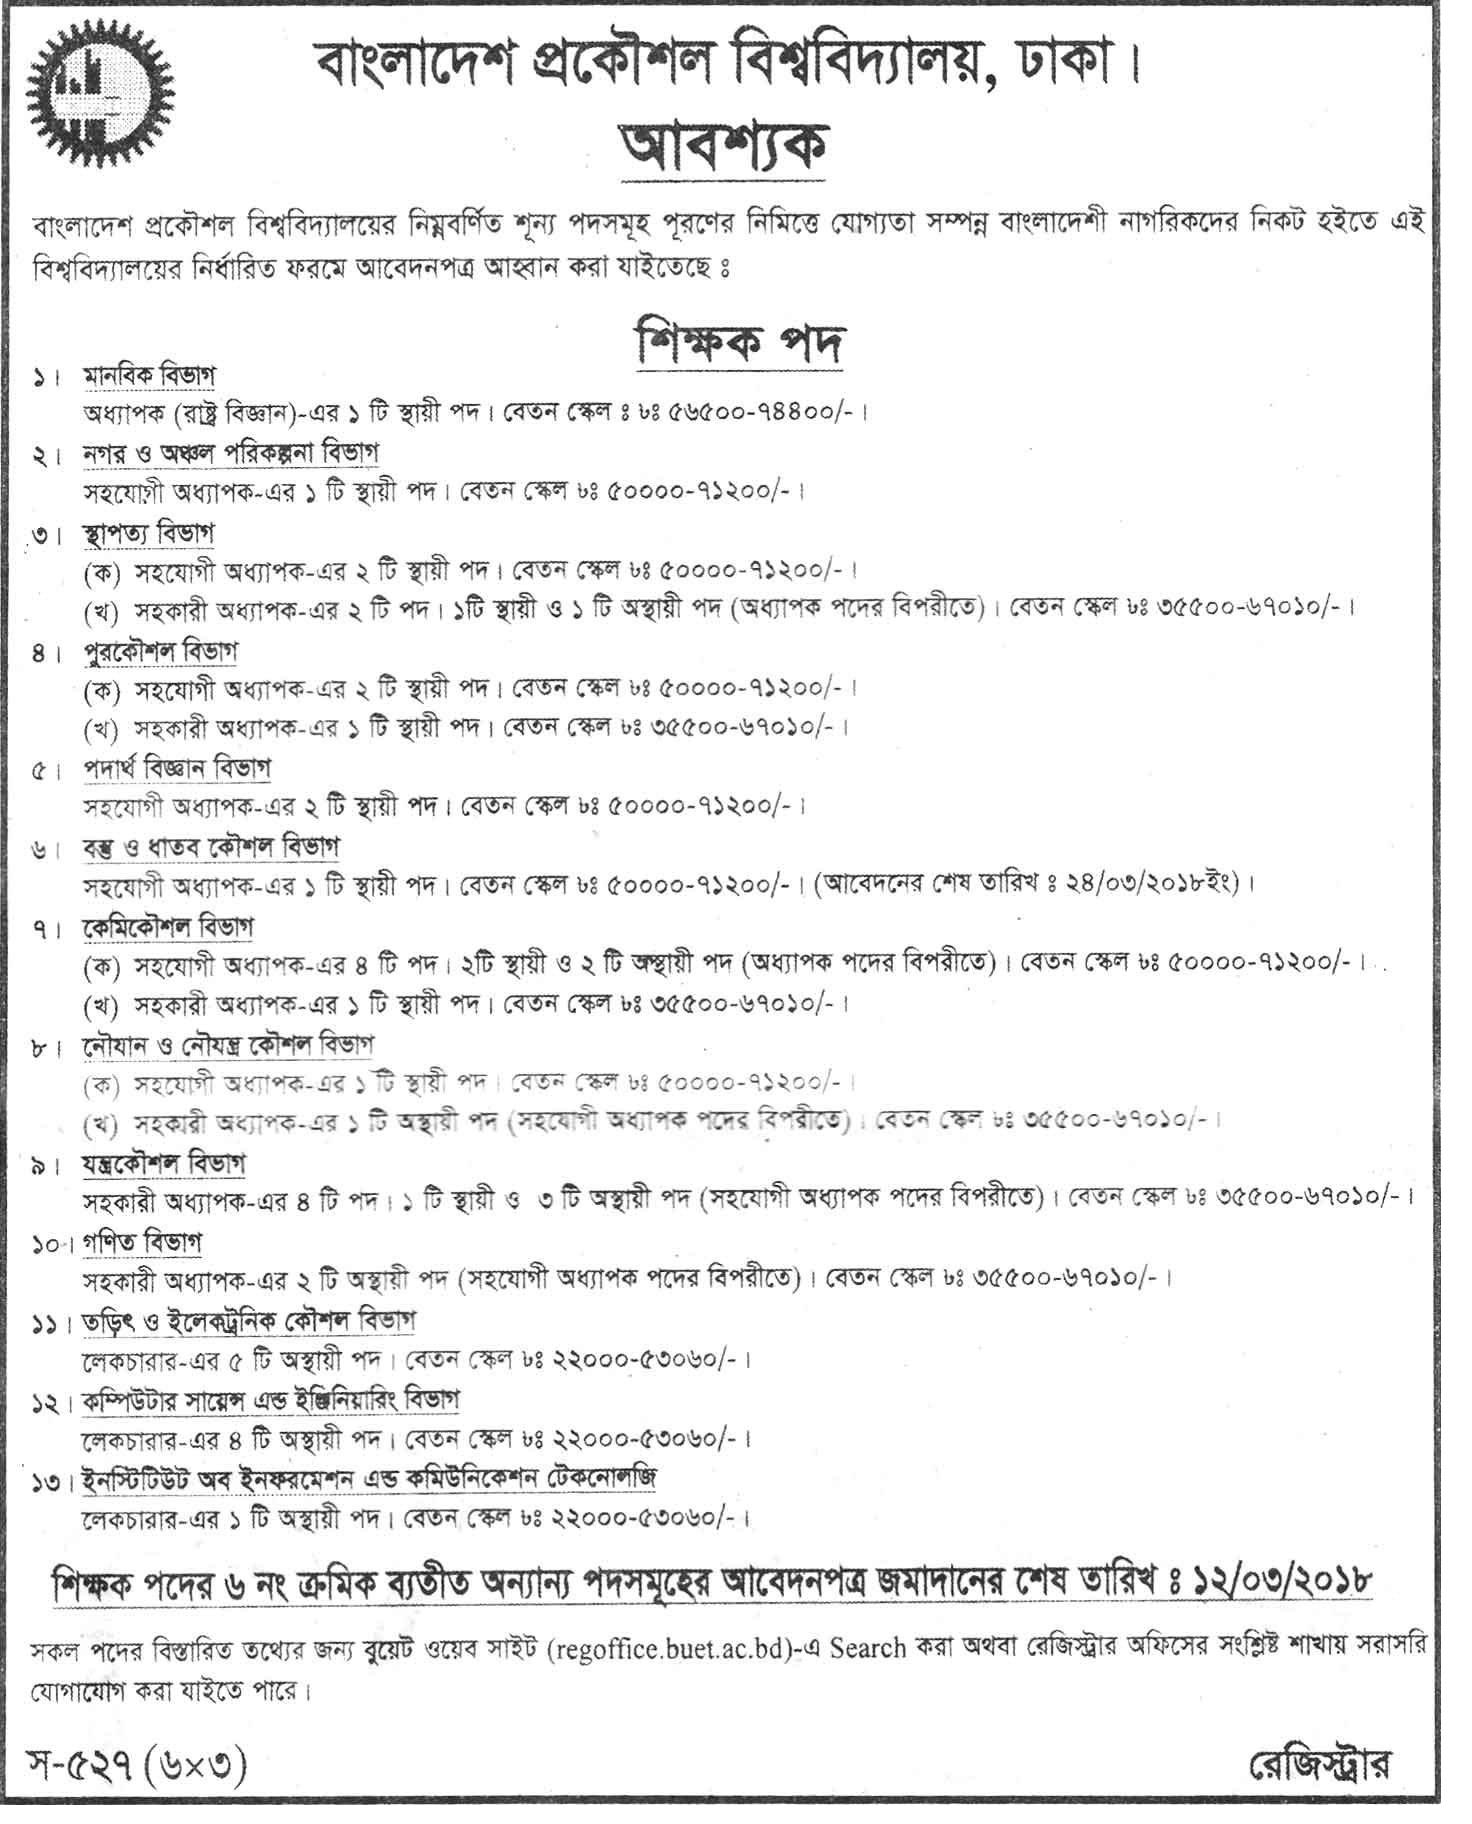 BUET Job Circular 2017